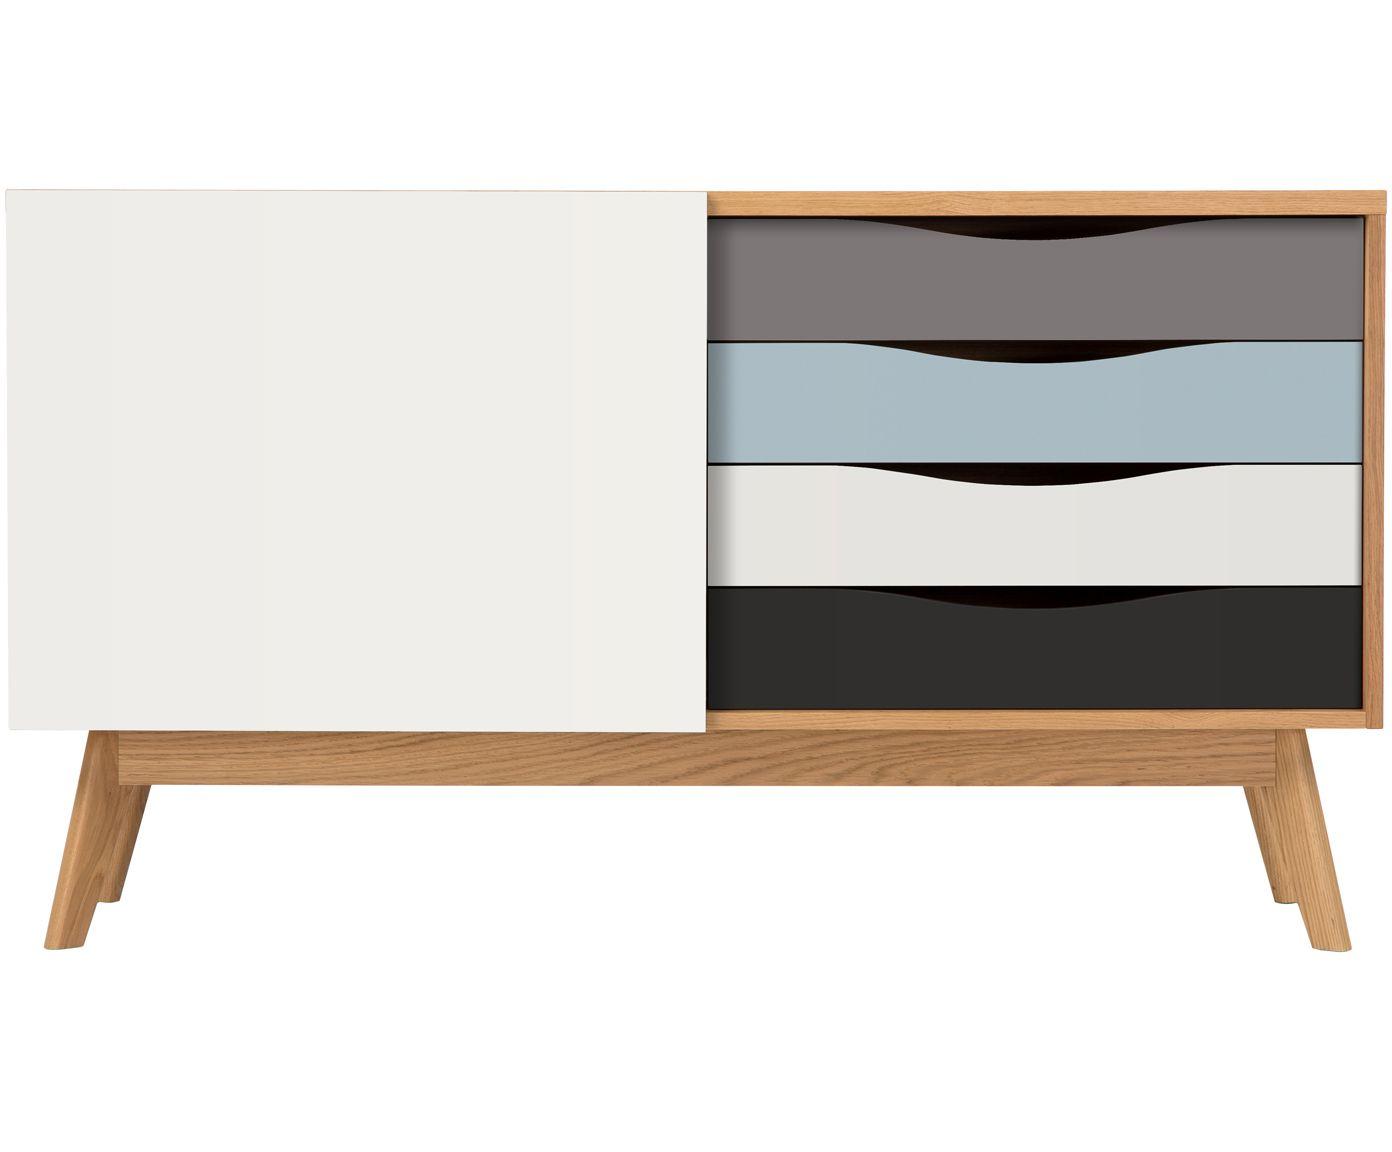 Mit Sideboard Avon In Eiche Grau Von Woodman Verwandeln Sie Ihr Wohnzimmer In Eine Wohlfühloase Entdecken Sie Weit Sideboard Hochwertige Möbel Schöne Zuhause